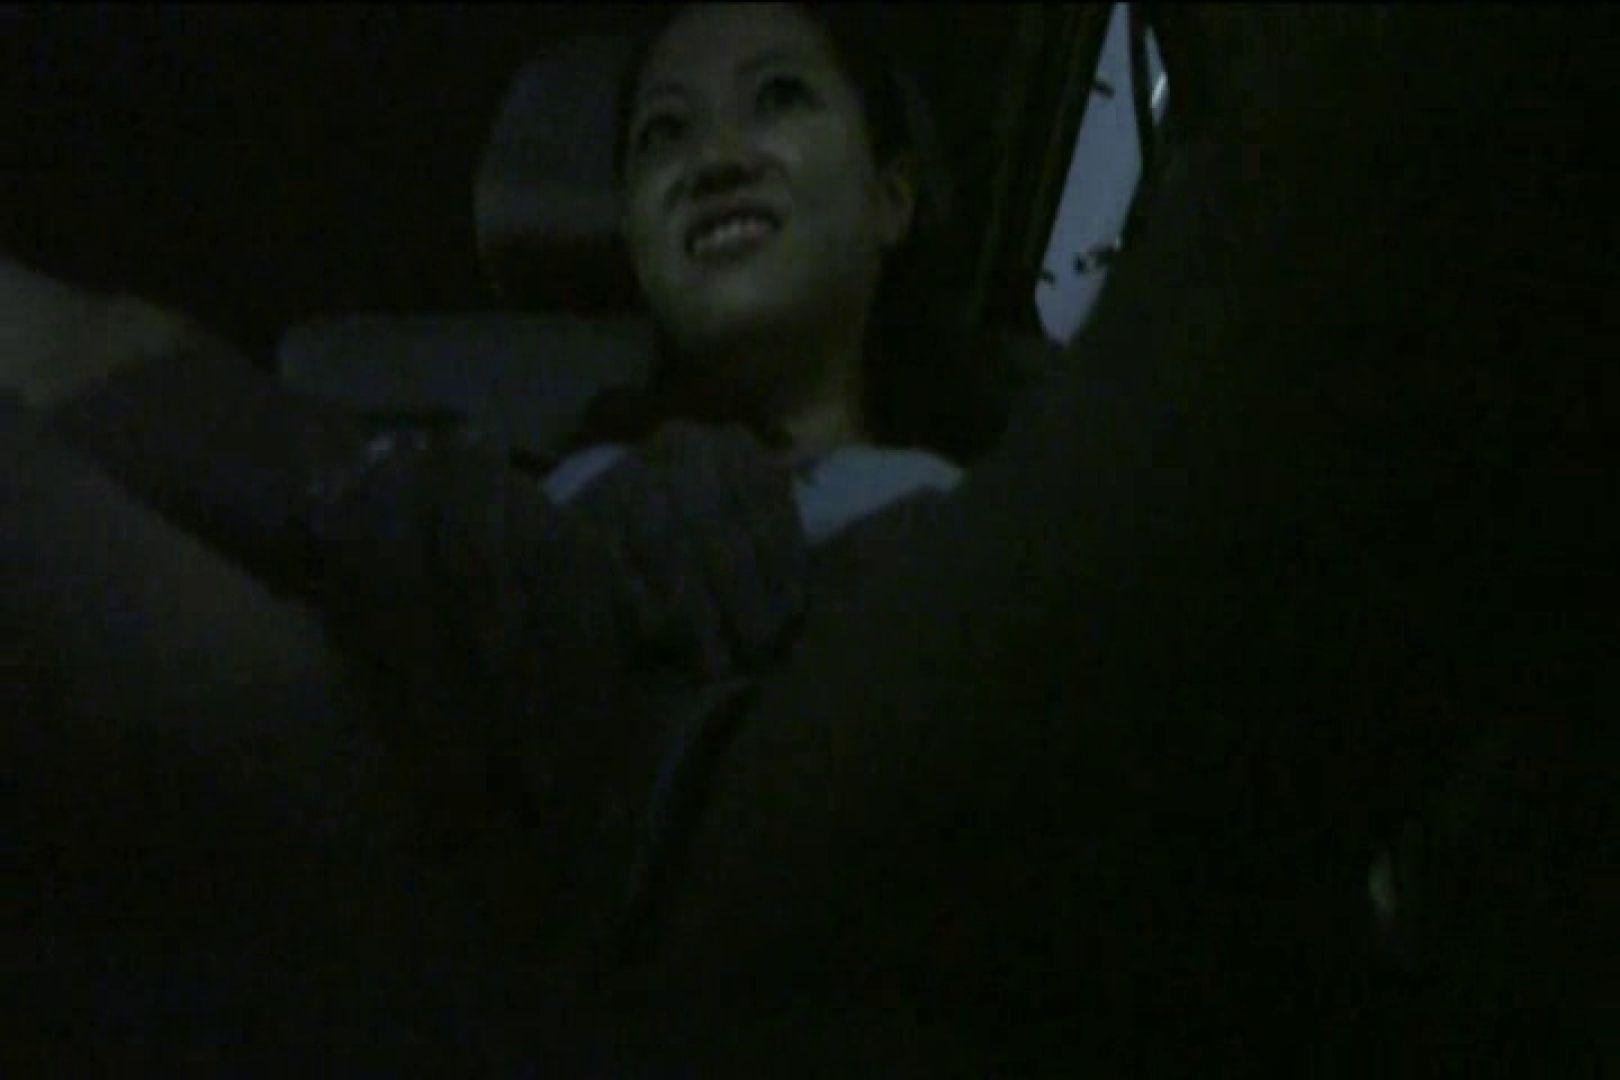 車内で初めまして! vol01 盗撮シリーズ オメコ無修正動画無料 102PIX 98